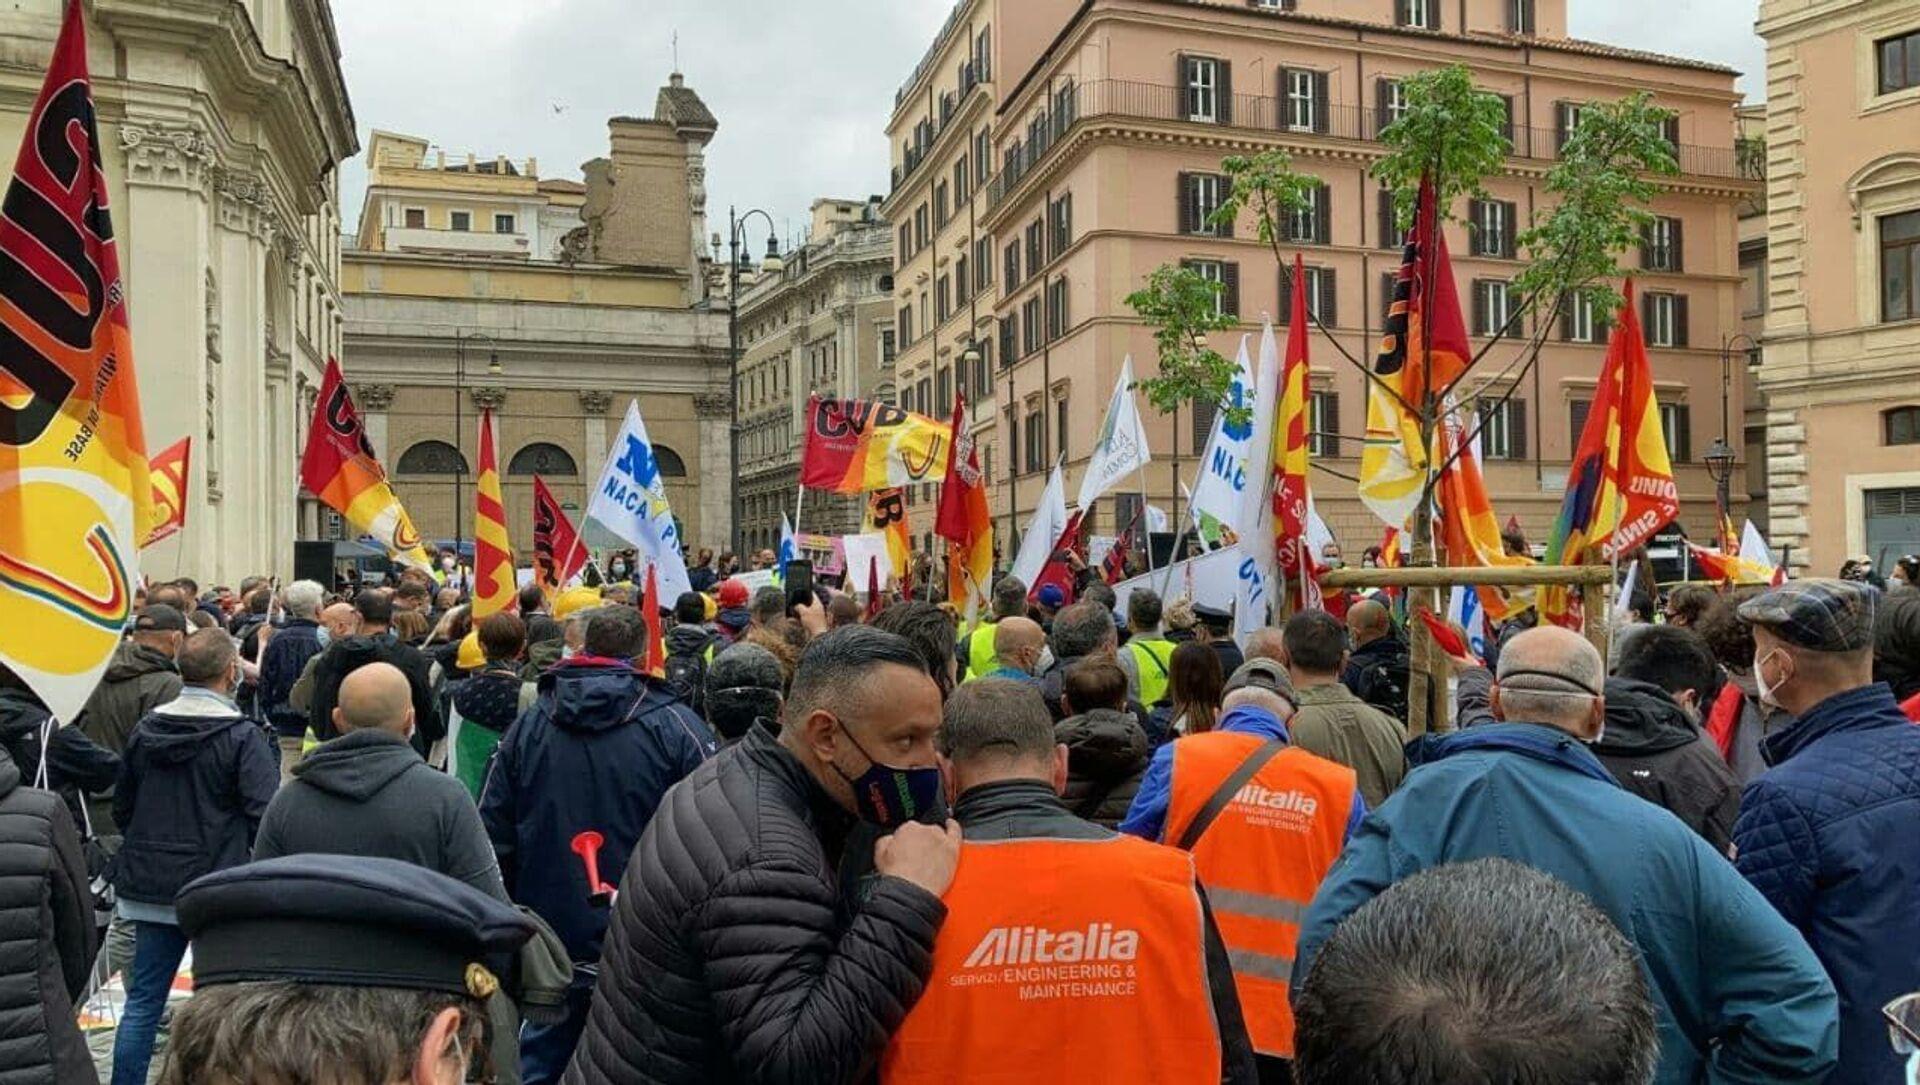 La manifestazione dei lavoratori Alitalia a Roma - Sputnik Italia, 1920, 05.05.2021